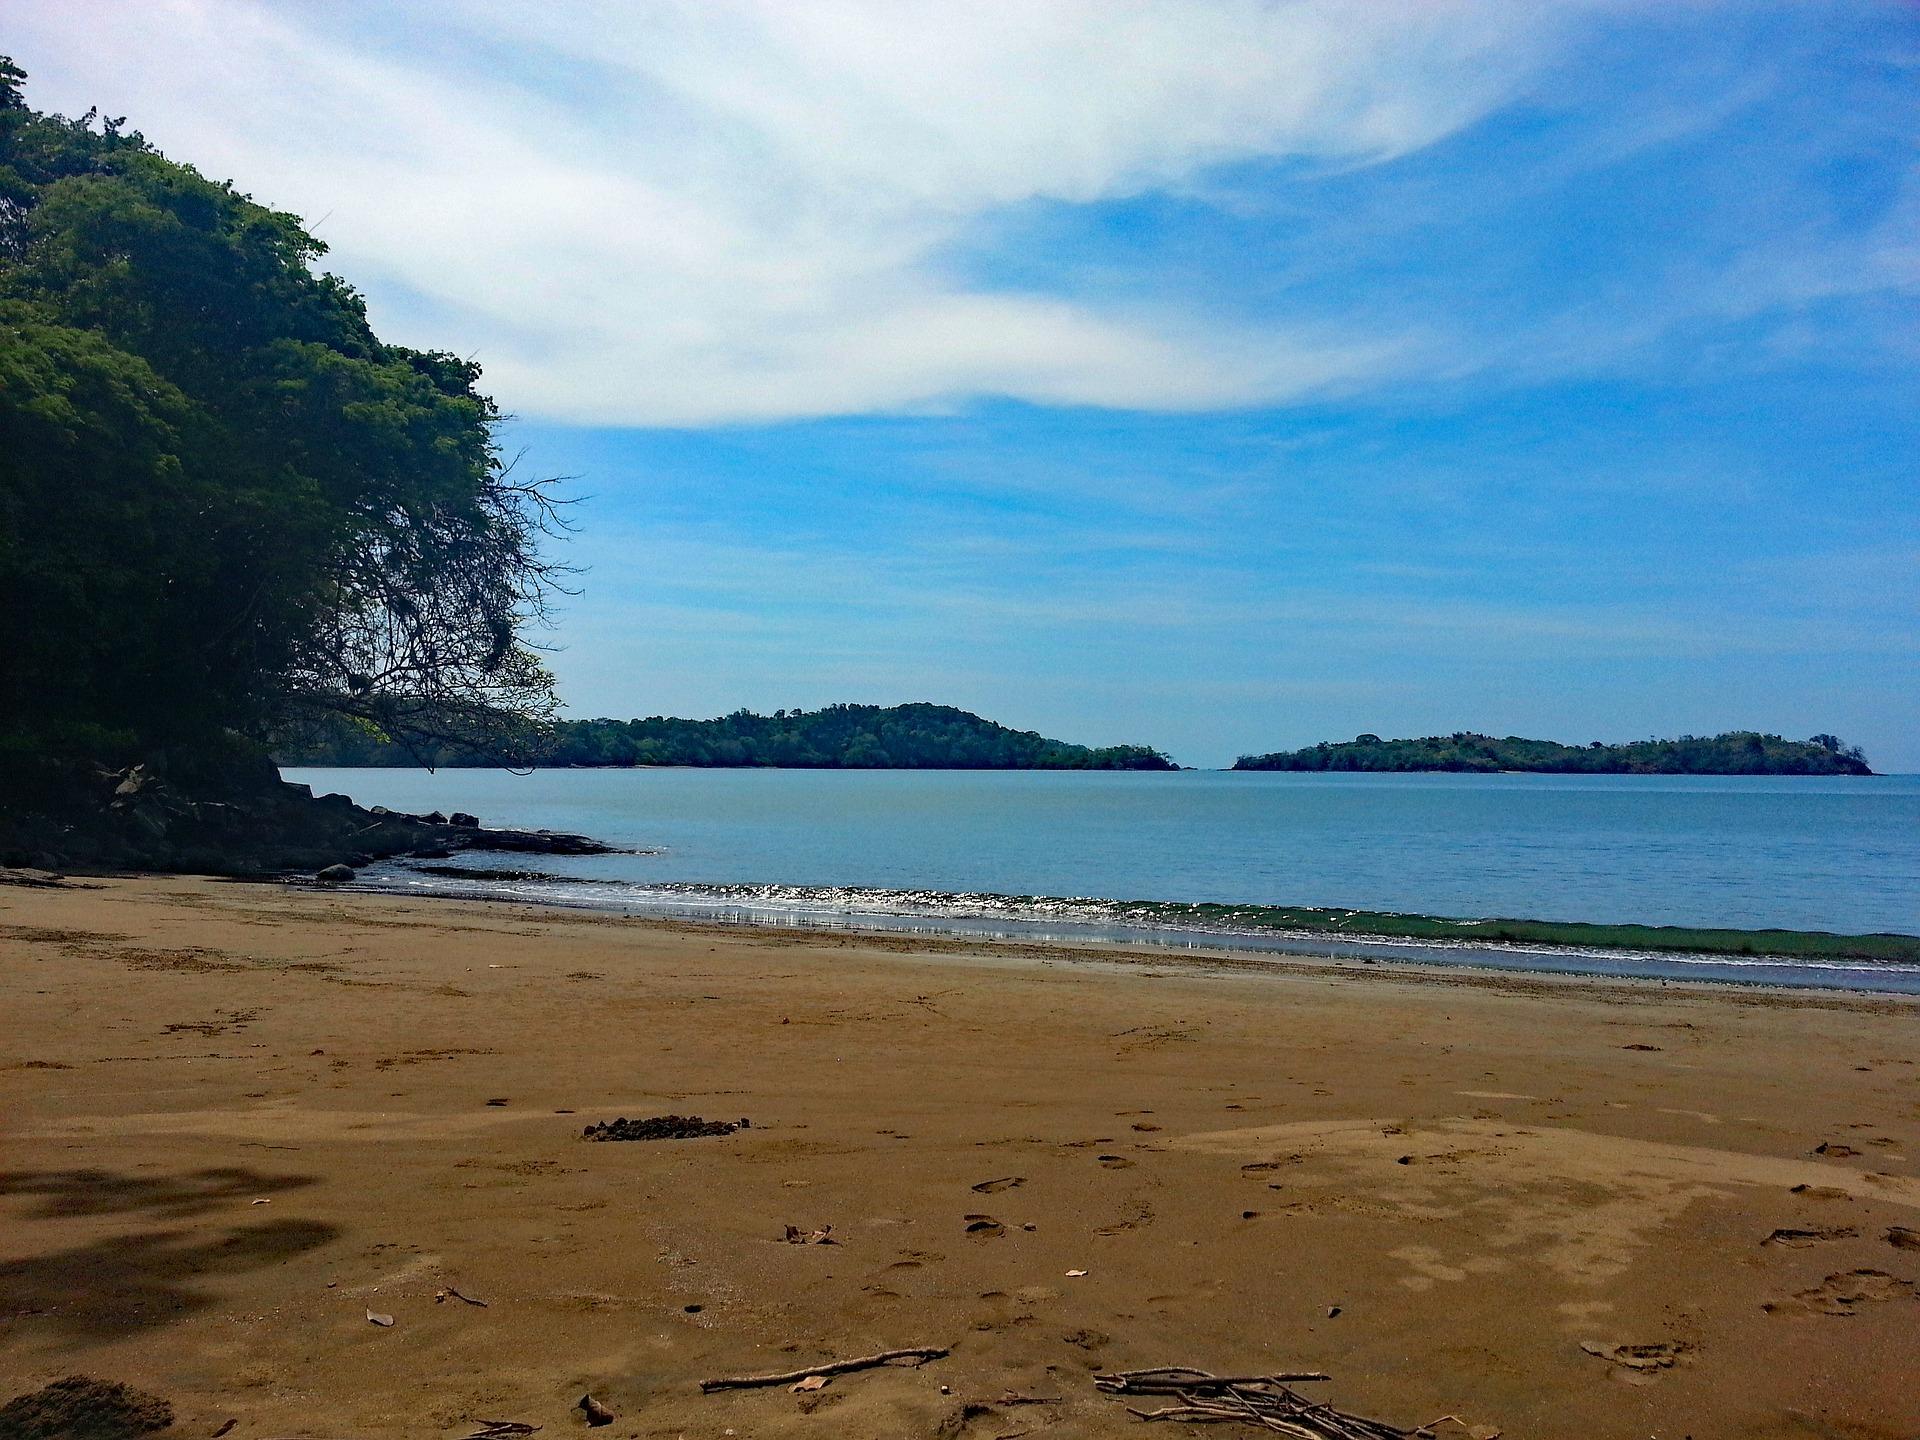 Boca Brava Meiers Weltreisen Gutschein am besten in Panama einlösen